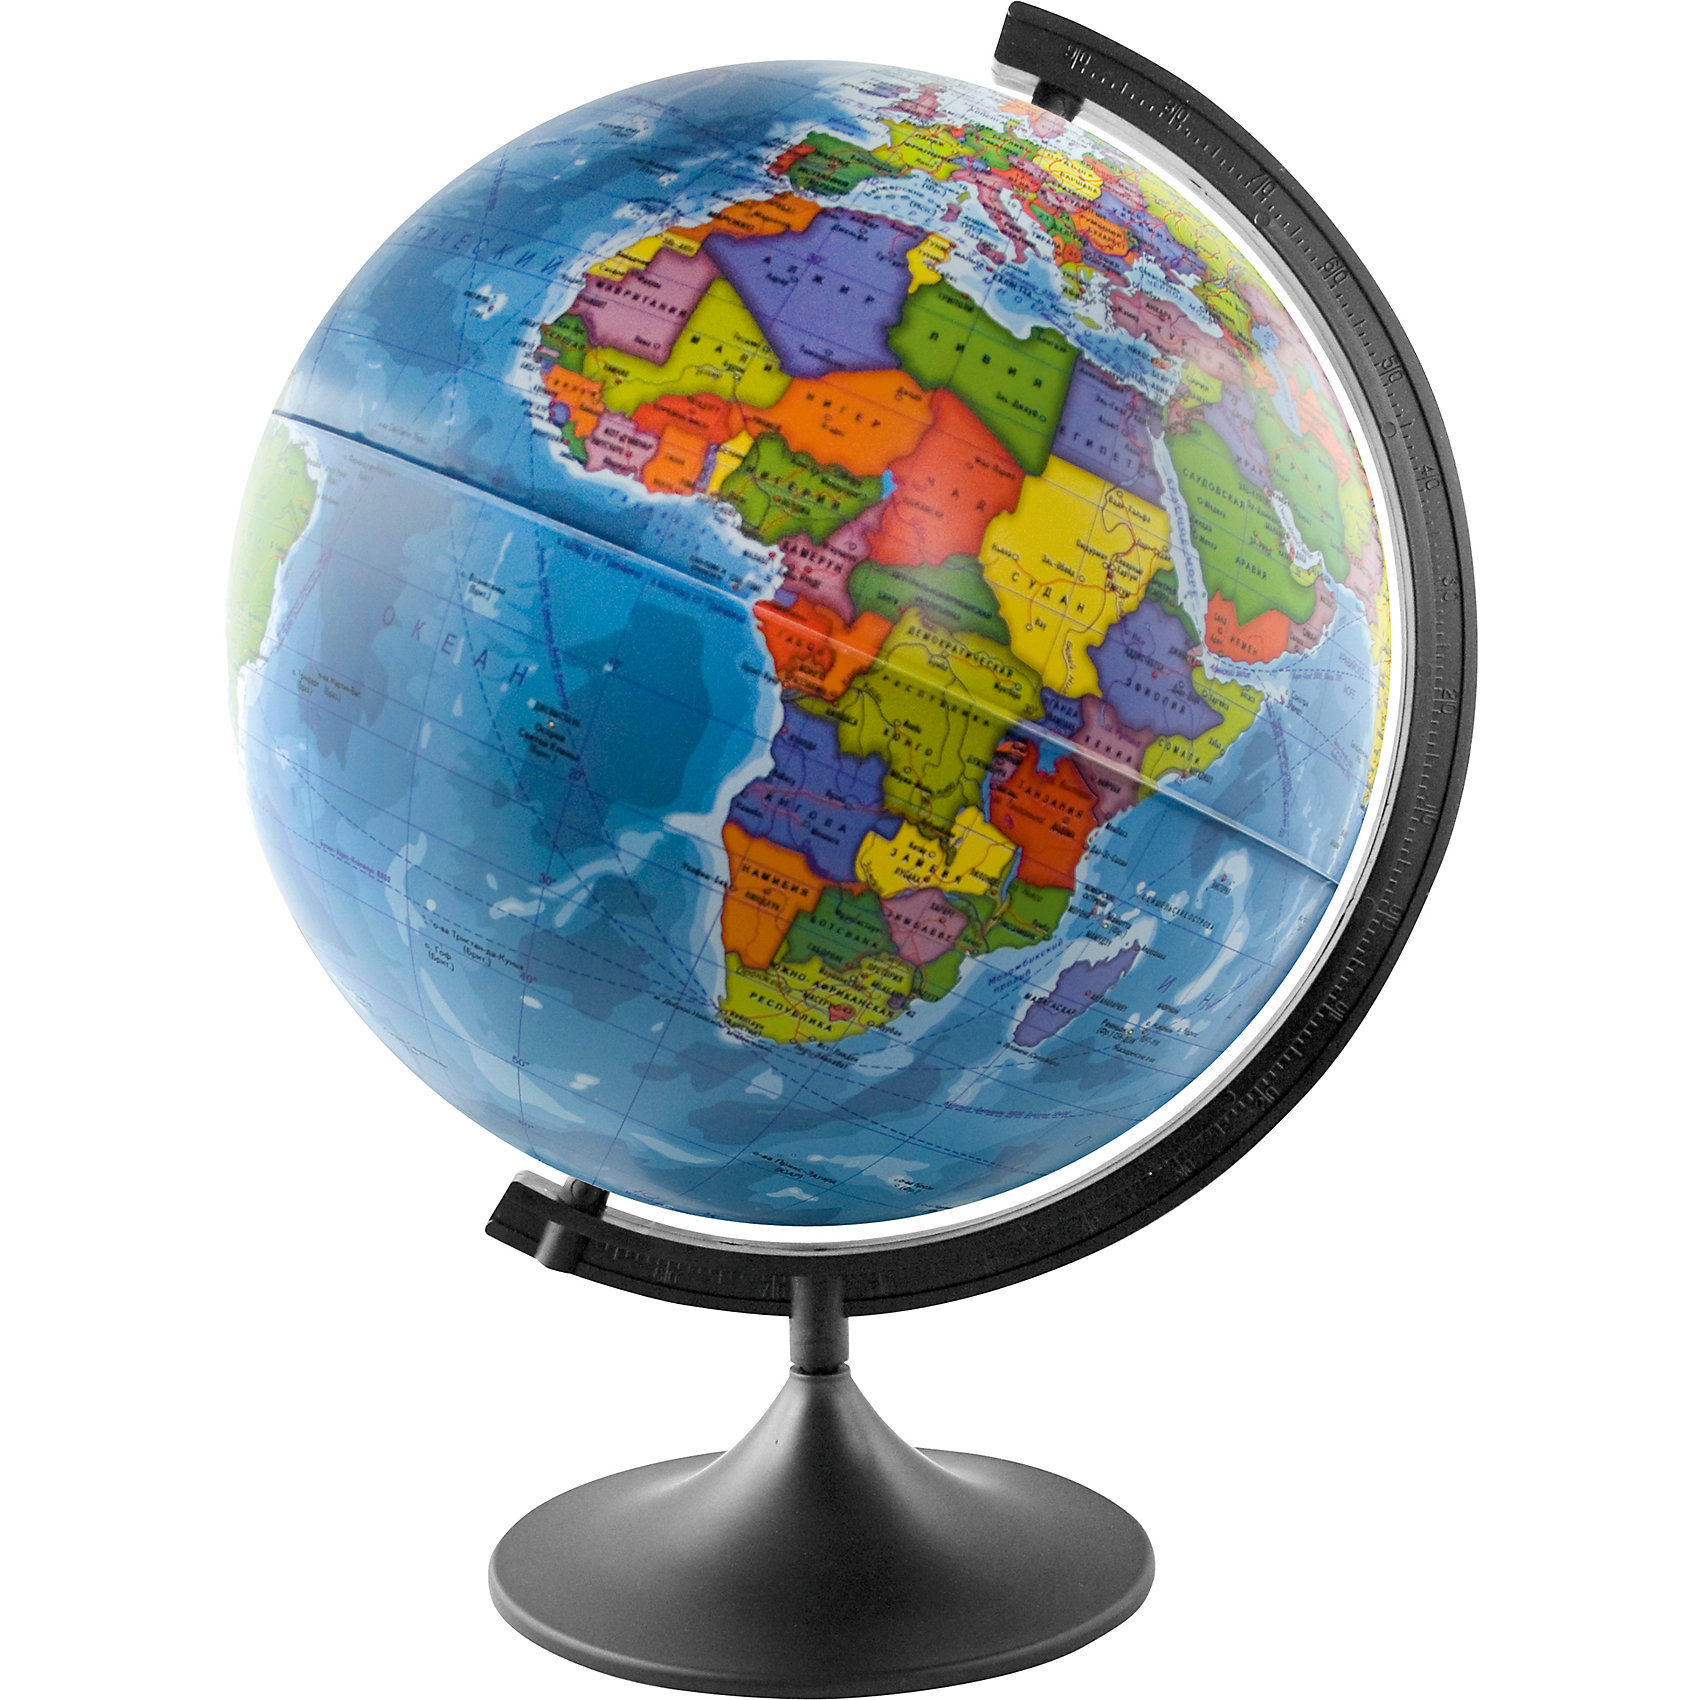 Глобус Земли политический, диаметр 250 ммГлобусы<br>Глобус Земли политический, д-р 250.<br><br>Характеристики:<br><br>• Для детей в возрасте: от 6 лет<br>• Диаметр: 25 см.<br>• Материал: пластик<br>• Цвет подставки и дуги: черный<br><br>Настольный глобус с современной политической картой мира (Крым в составе РФ) станет замечательным наглядным пособием для вашего ребенка. Политическая карта выполнена в ярких цветах. На карту нанесены страны, границы, столицы и крупные города, континенты, моря, океаны, реки и большие озера и другая полезная информация. Надписи выполнены на русском языке, четкие и легкочитаемые. Сфера глобуса изготовлена из прочного высококачественного пластика, поэтому она не расколется от случайного падения. Устойчивая подставка и дуга с градусными отметками выполнены из прочного высококачественного пластика черного цвета. Оптимальный диаметр глобуса 25 см позволит ему не занимать много места на столе.<br><br>Глобус Земли политический, д-р 250 можно купить в нашем интернет-магазине.<br><br>Ширина мм: 270<br>Глубина мм: 250<br>Высота мм: 250<br>Вес г: 700<br>Возраст от месяцев: 72<br>Возраст до месяцев: 2147483647<br>Пол: Унисекс<br>Возраст: Детский<br>SKU: 5504463